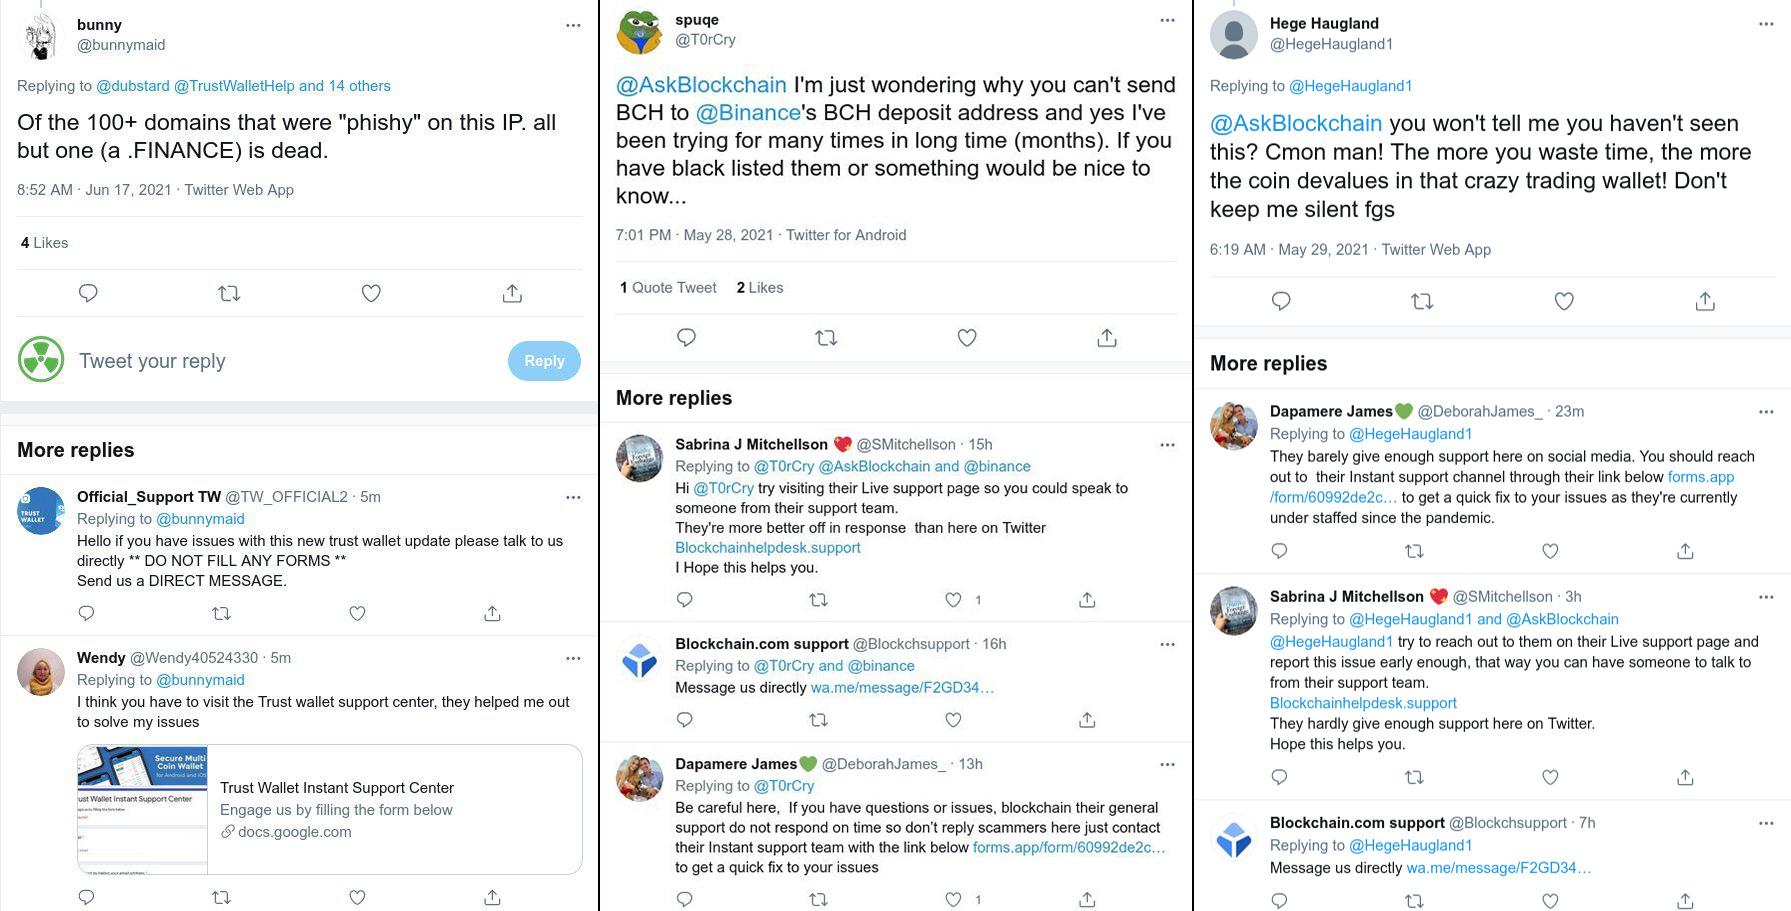 Golpistas tentando imitar contas de marca do Twitter do Blockchain e Trustwallet e atraindo usuários para DMs, ou fingindo ser usuários úteis que postam links (falsos) para sites de suporte.